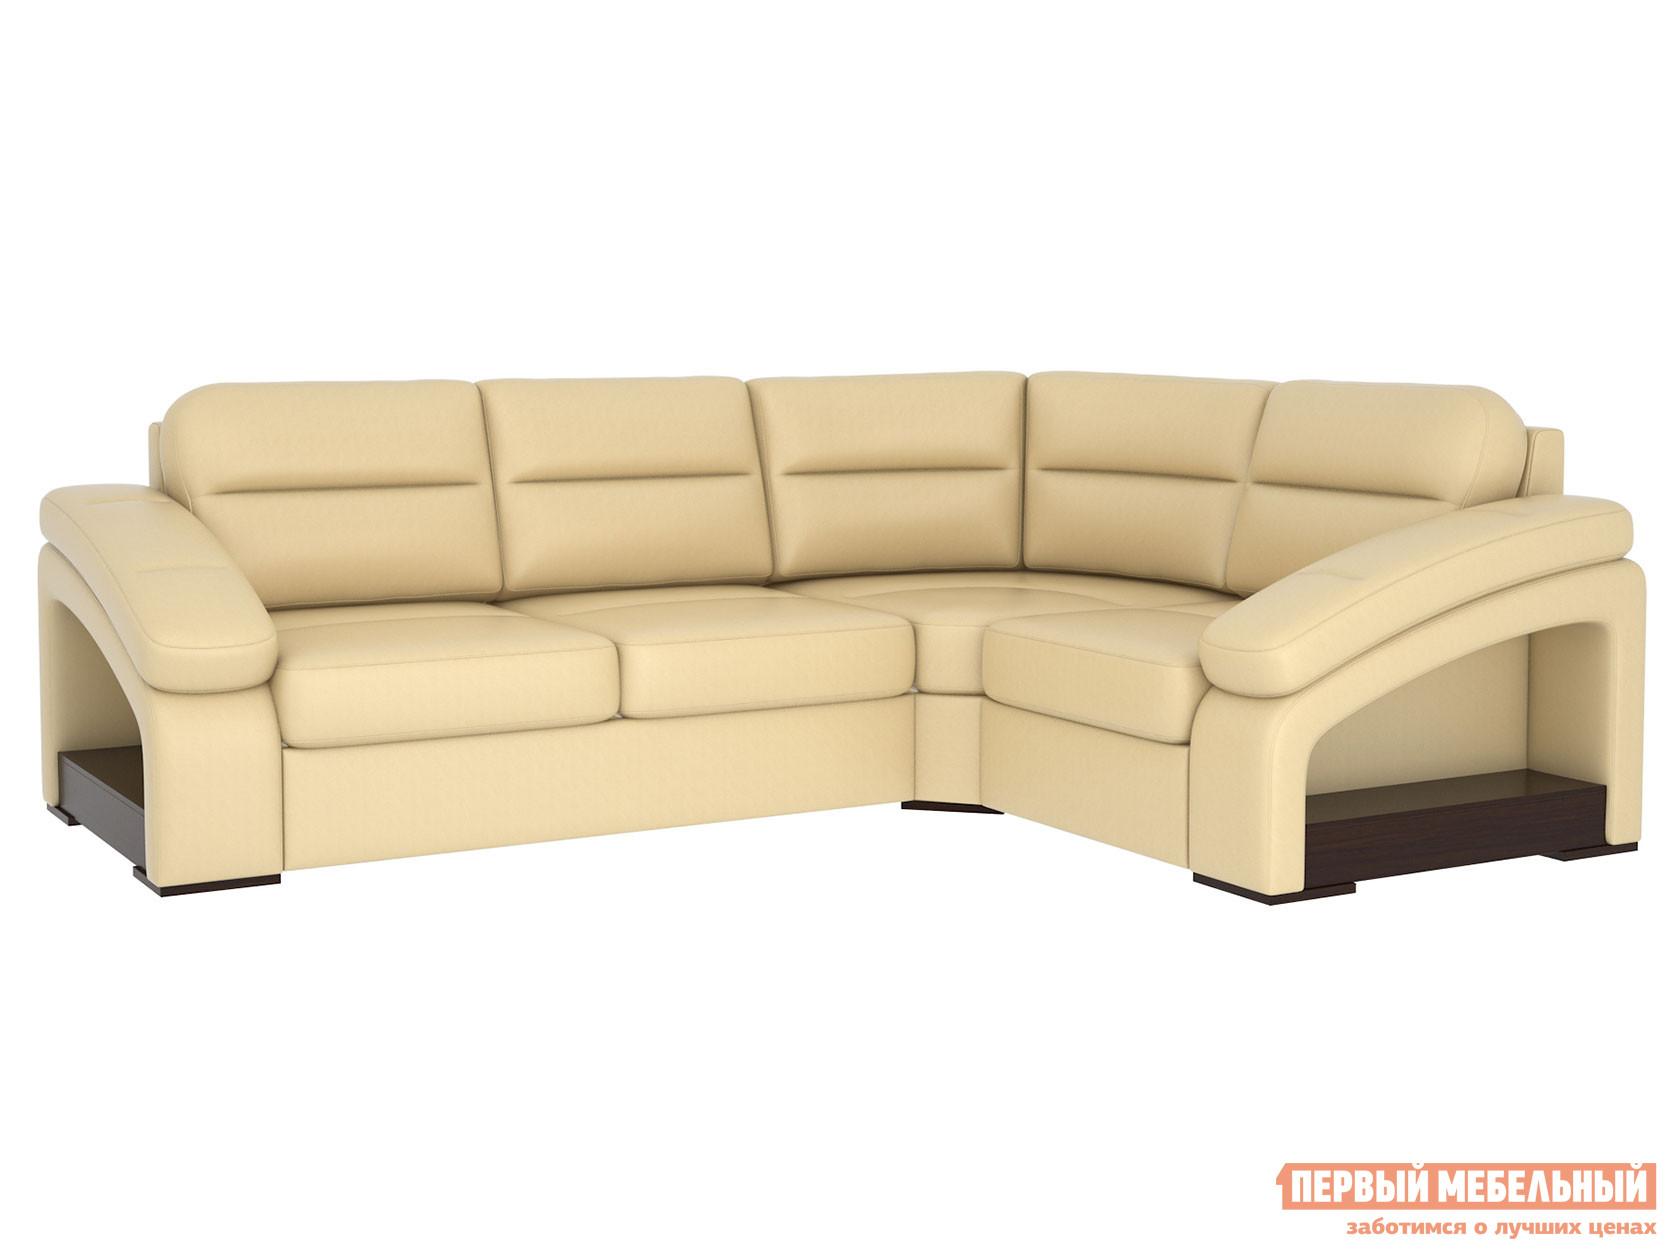 Угловой диван Первый Мебельный Рокси угловой